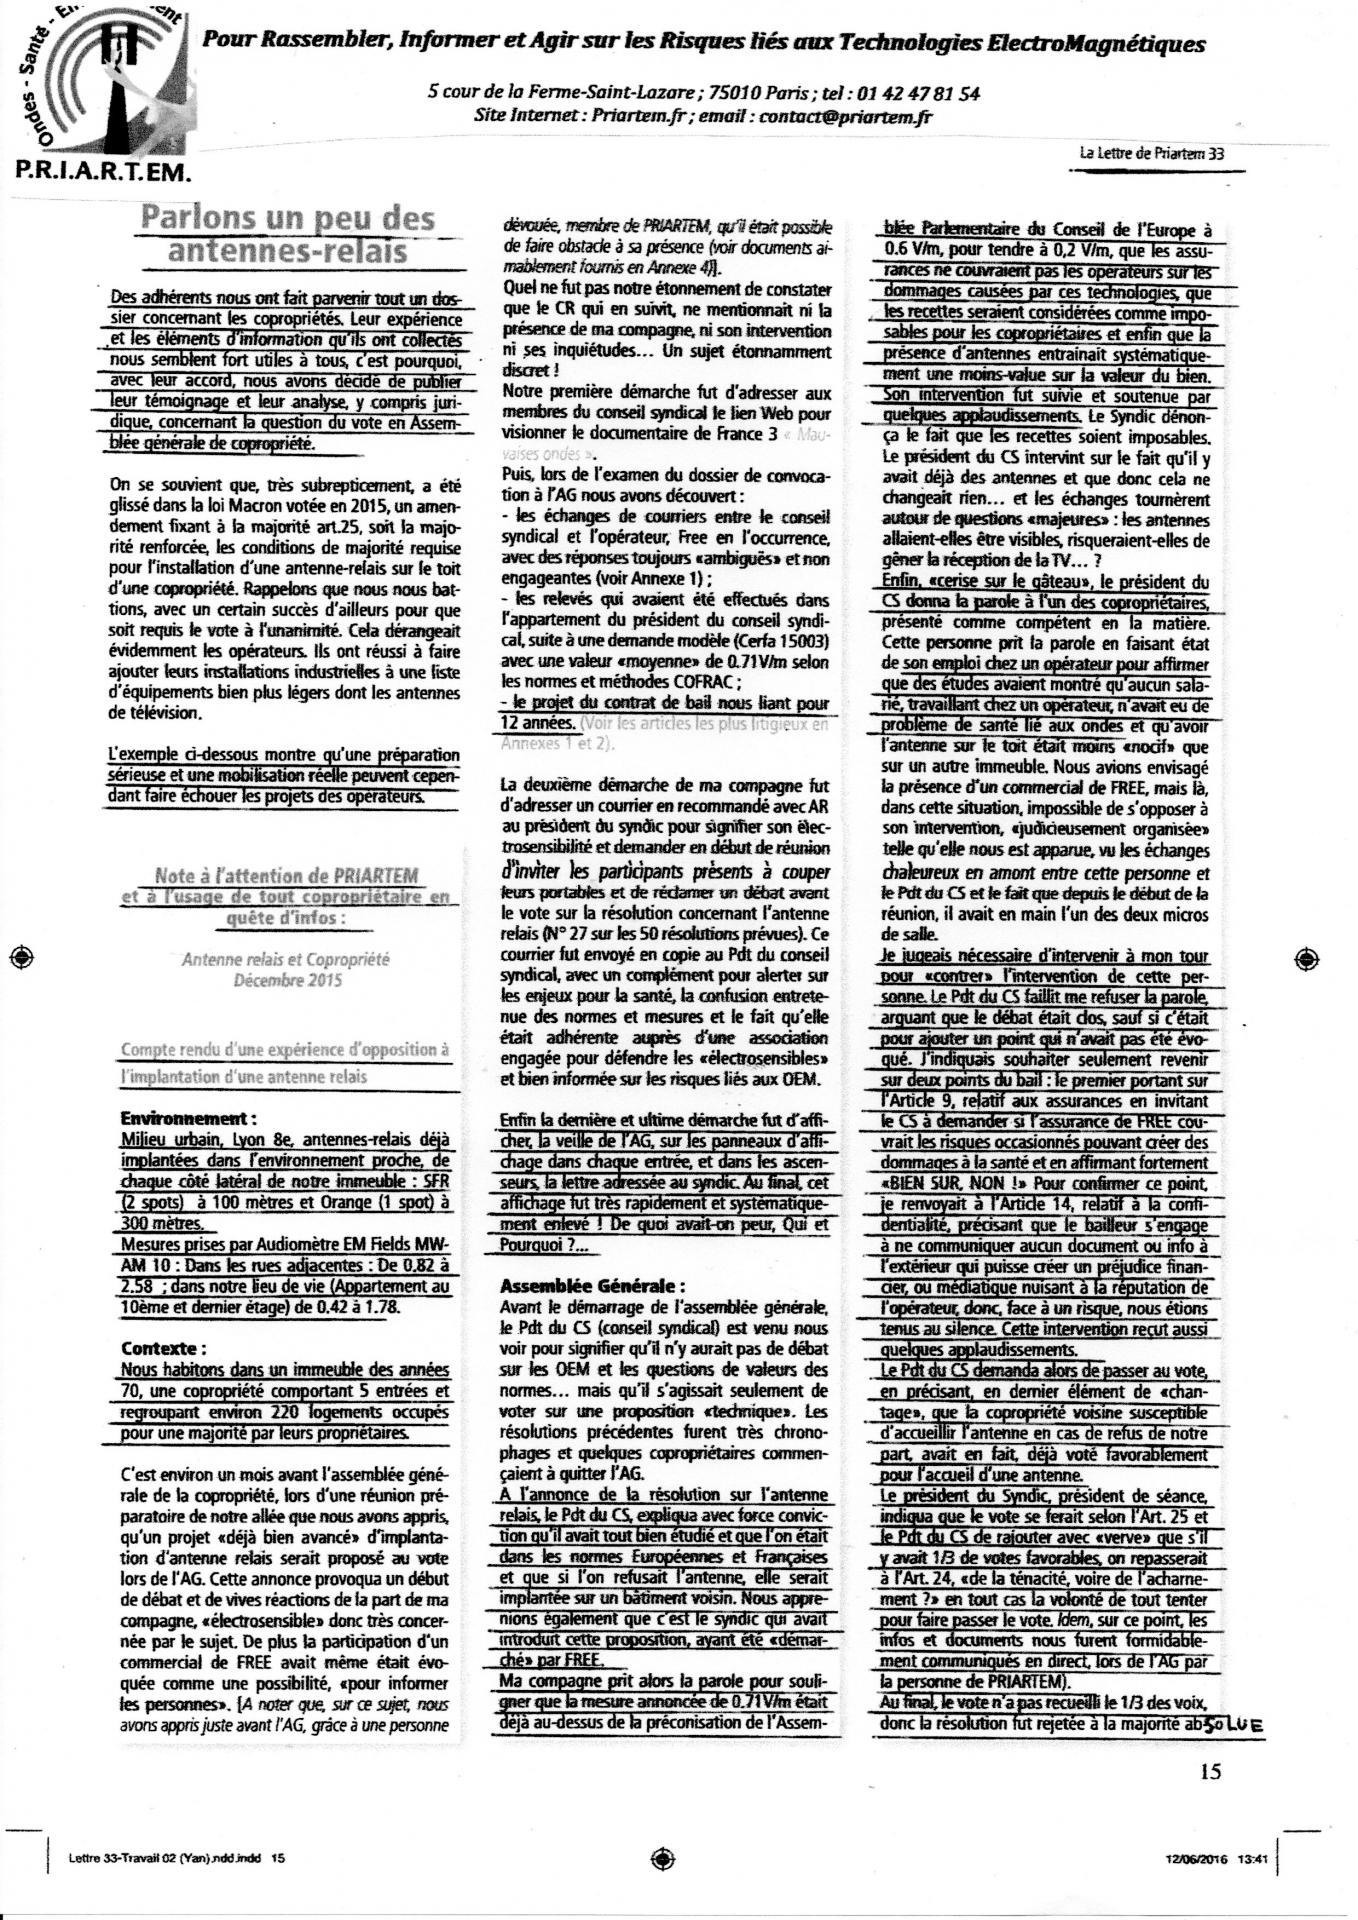 Experiences de coproprietaires lettre Priaterm 12 06 2016